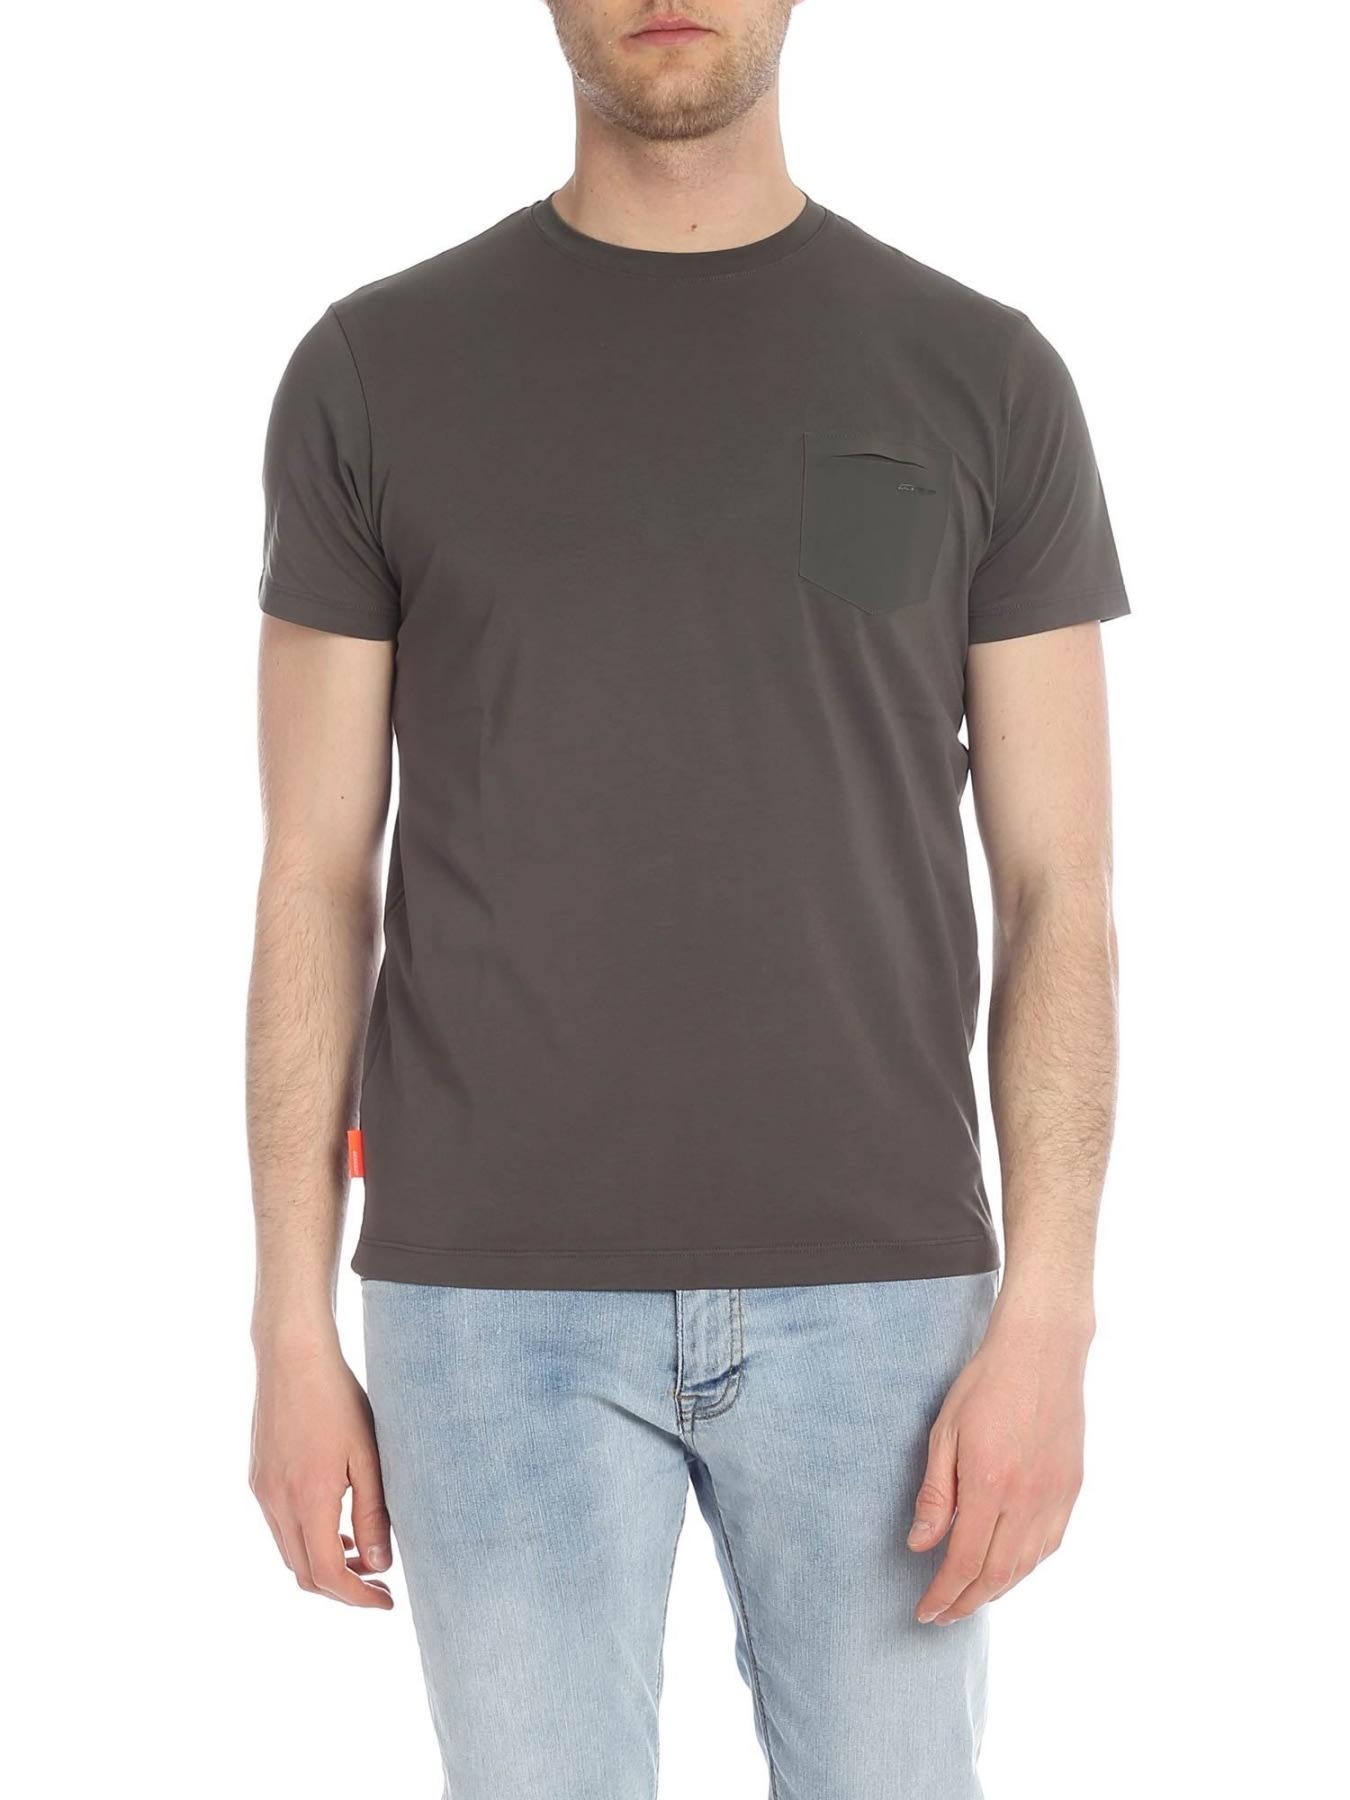 the best attitude 956e1 df26f RRD - Roberto Ricci Design Rrd Roberto Ricci Designs T-shirt ...